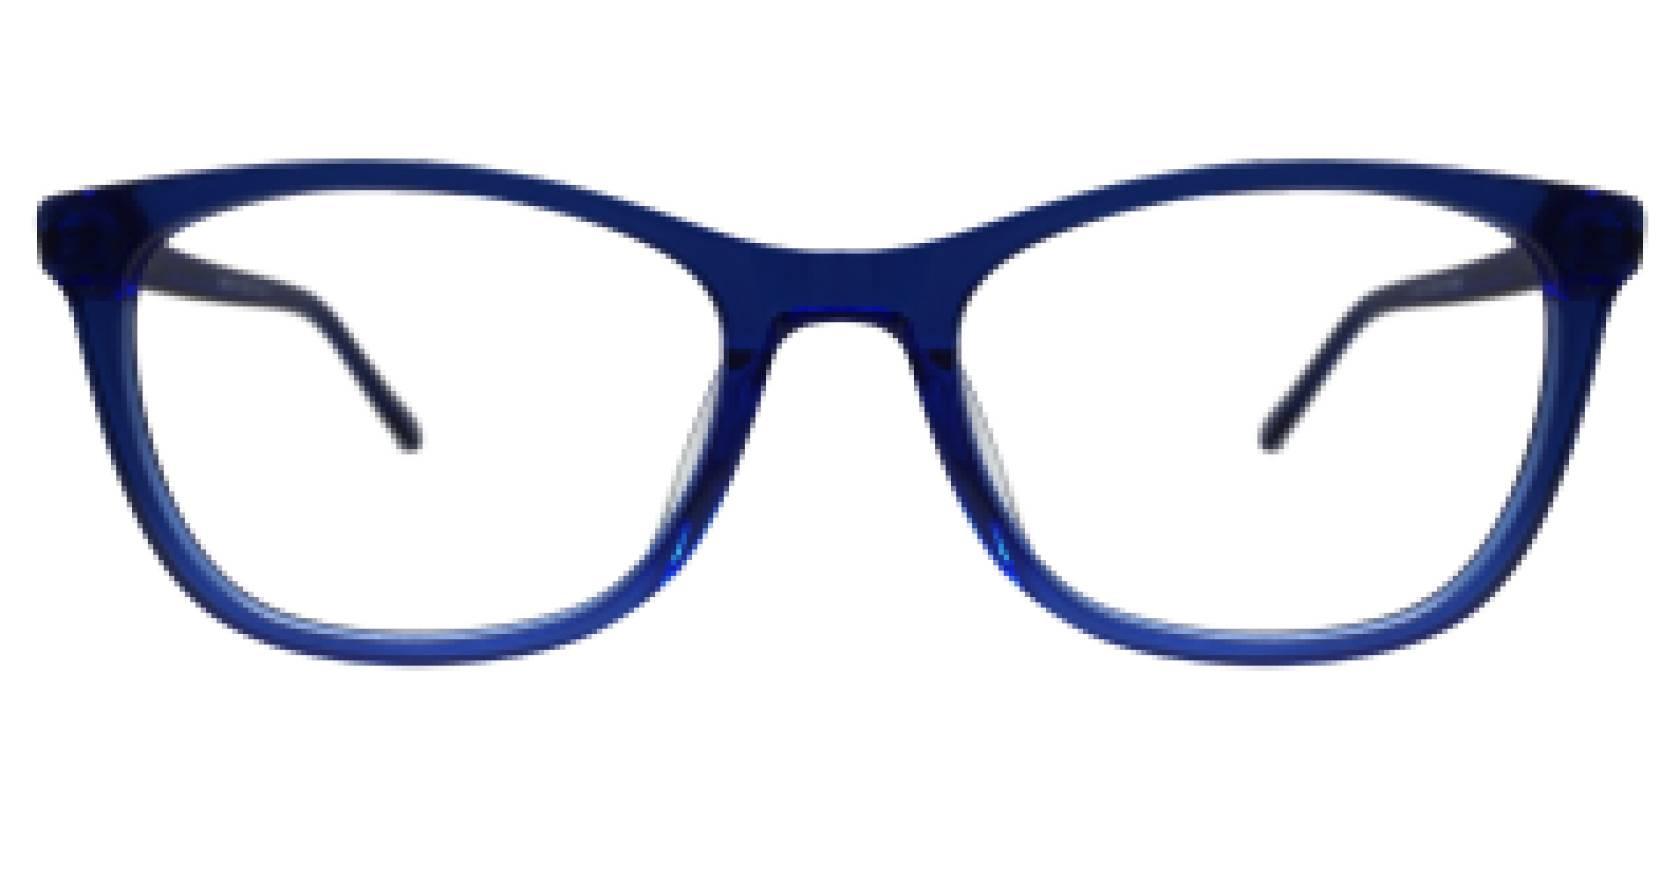 imagen miniatura frontal de la referencia 1001126